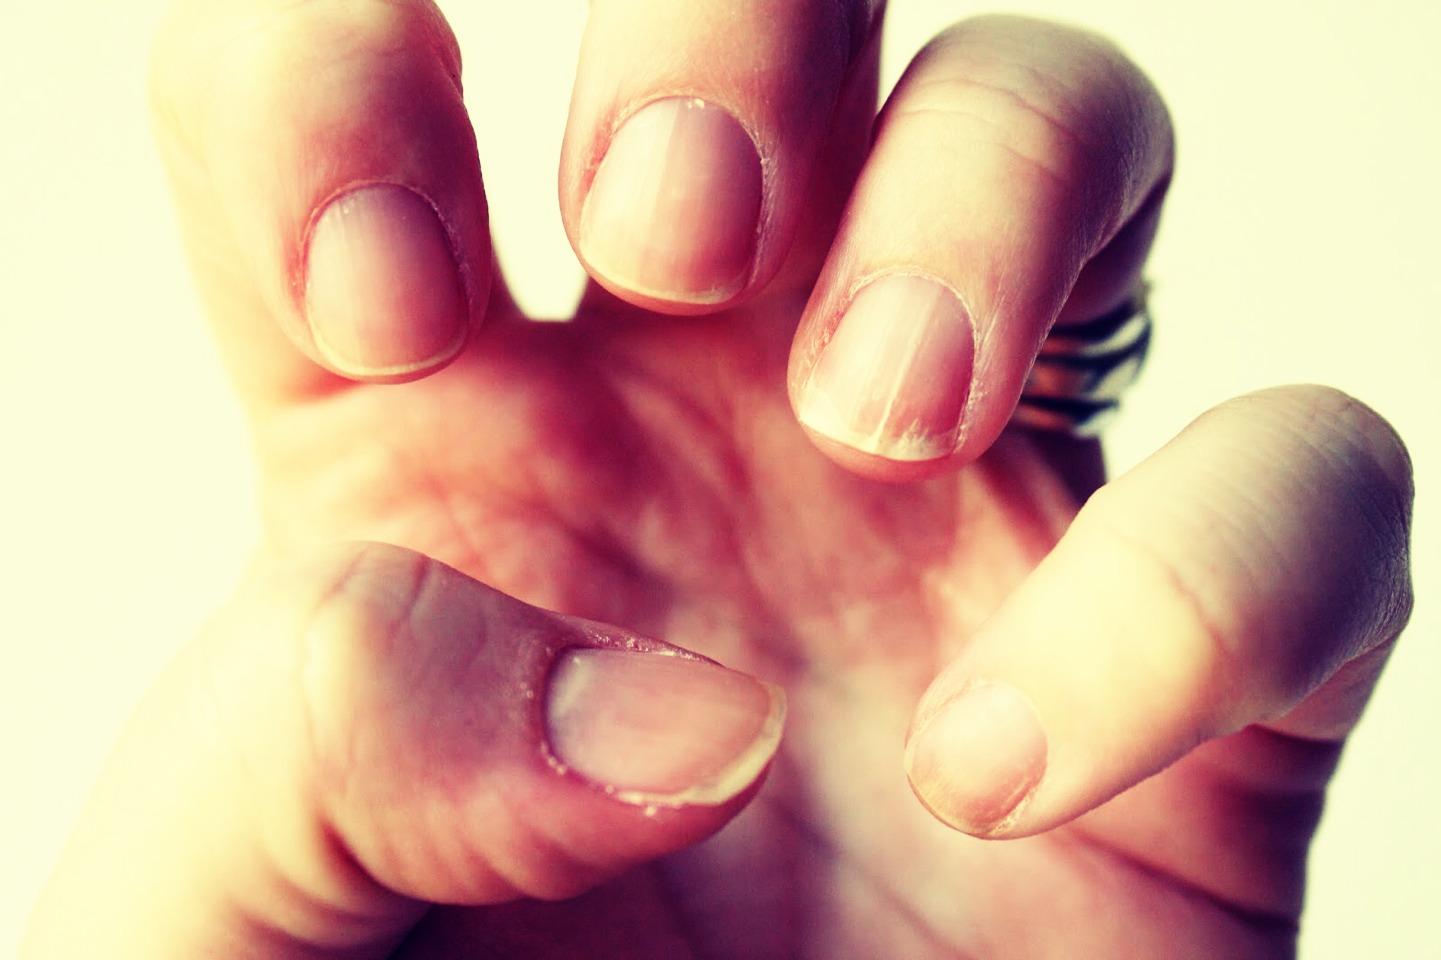 Формы ногтей при различных заболеваниях. Изменения размера и внешнего 69